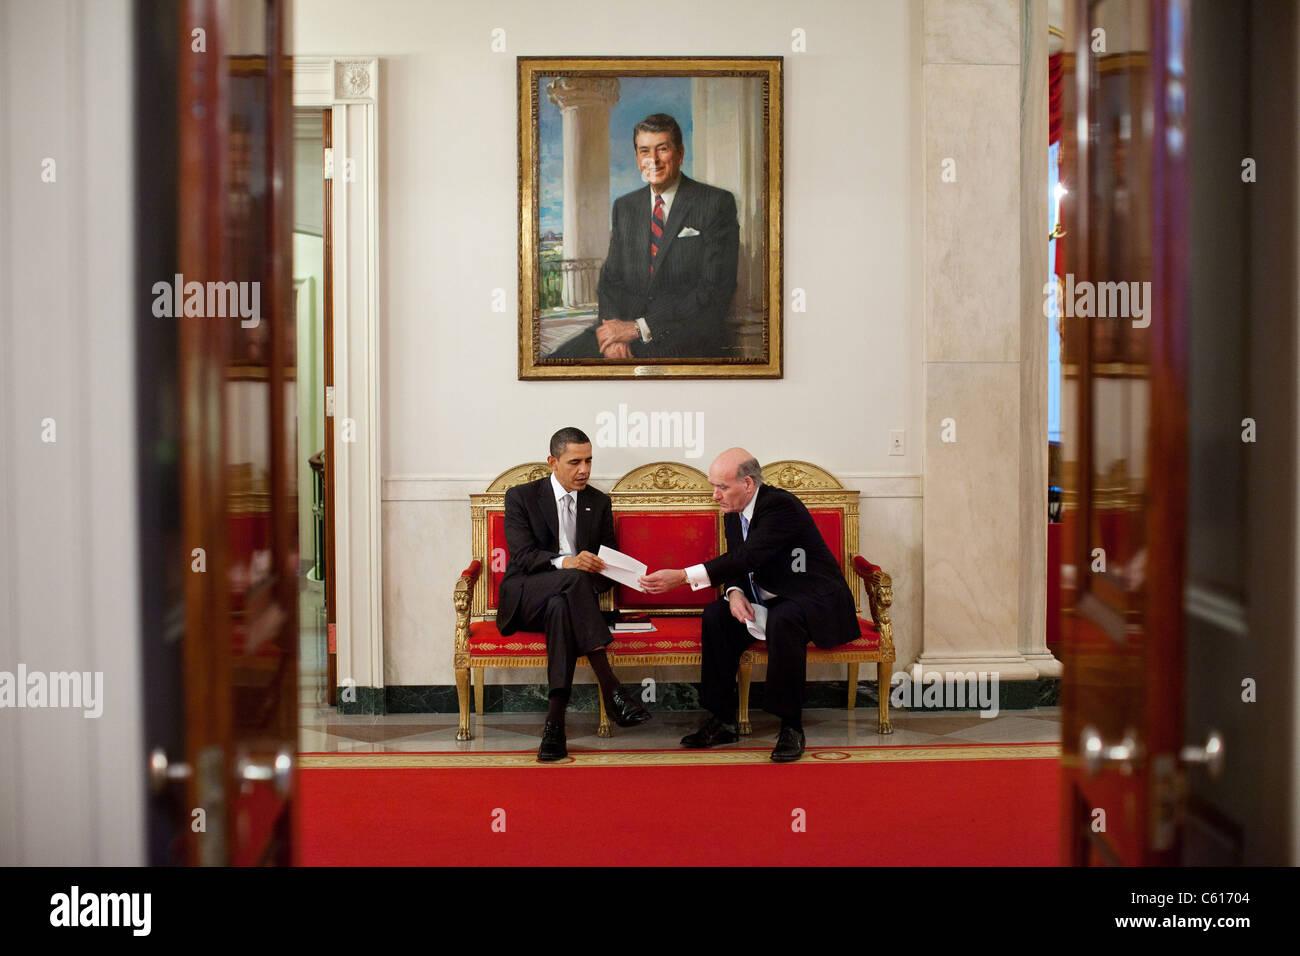 Präsident Obama spricht mit seiner neuen Stabschef Bill Daley im Weißen Haus unter einem Porträt Stockbild